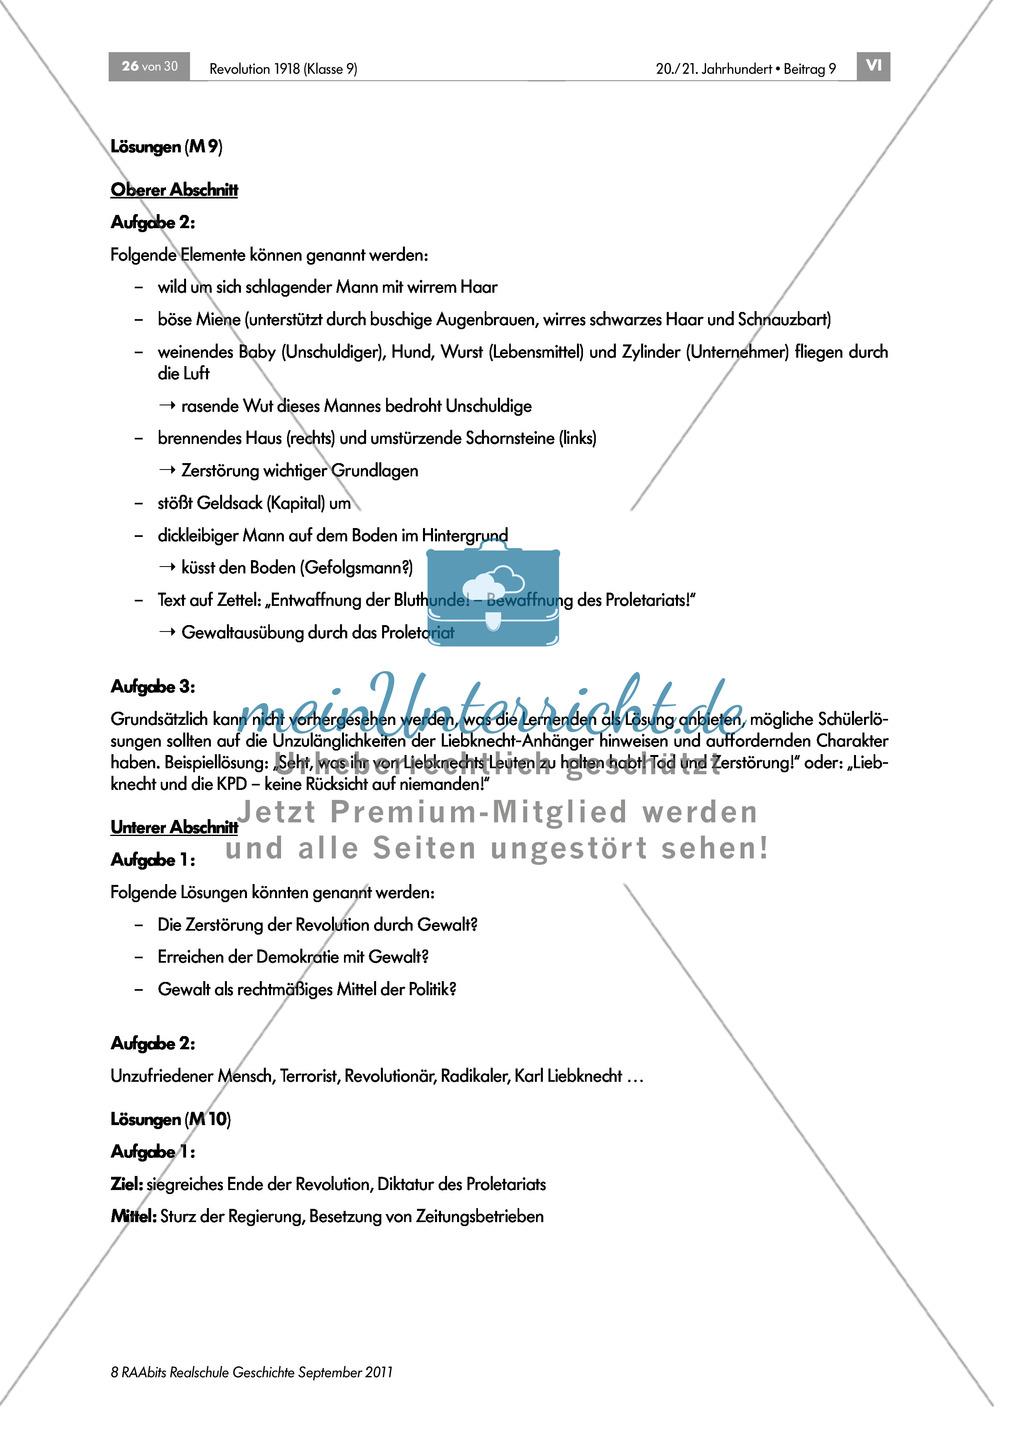 Quellen, Plakate, Flugblätter zum Spartakusbund und zur KPD in der Weimarer Republik mit Aufgaben Preview 9